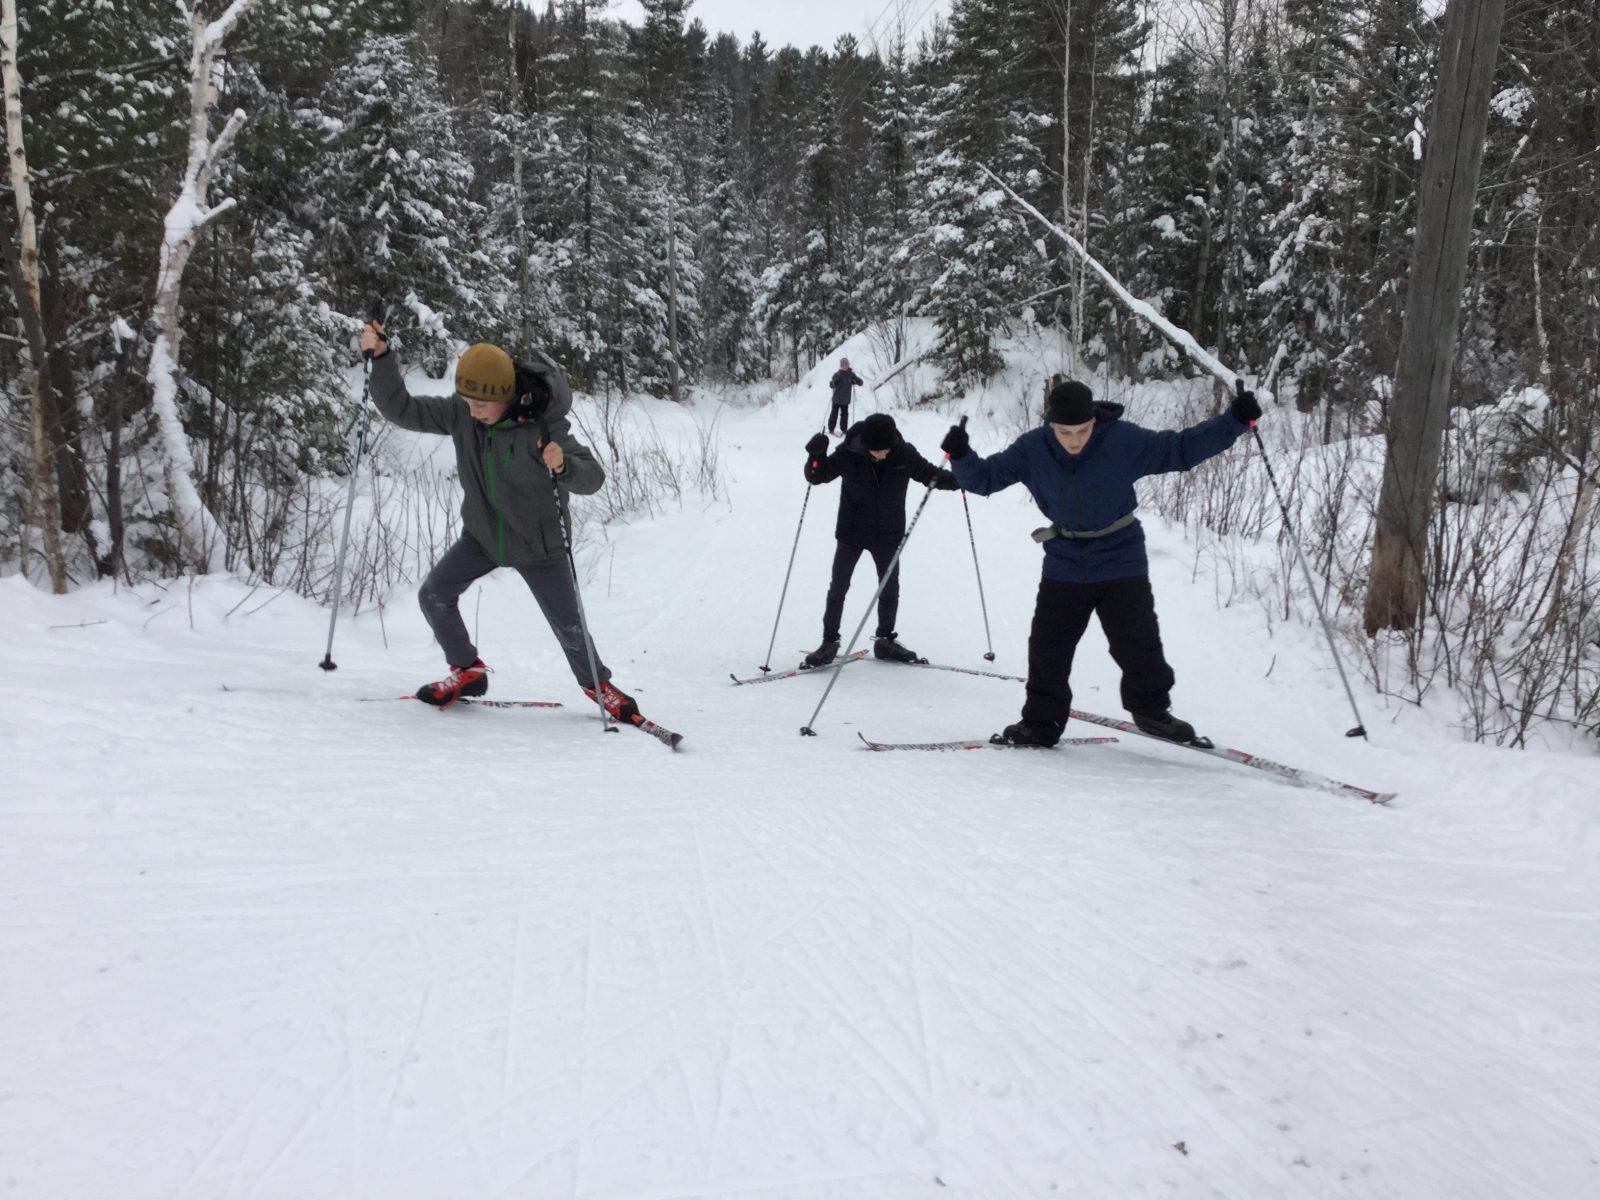 École primaire de Saint-Bruno: Une initiation en ski de fond réussie